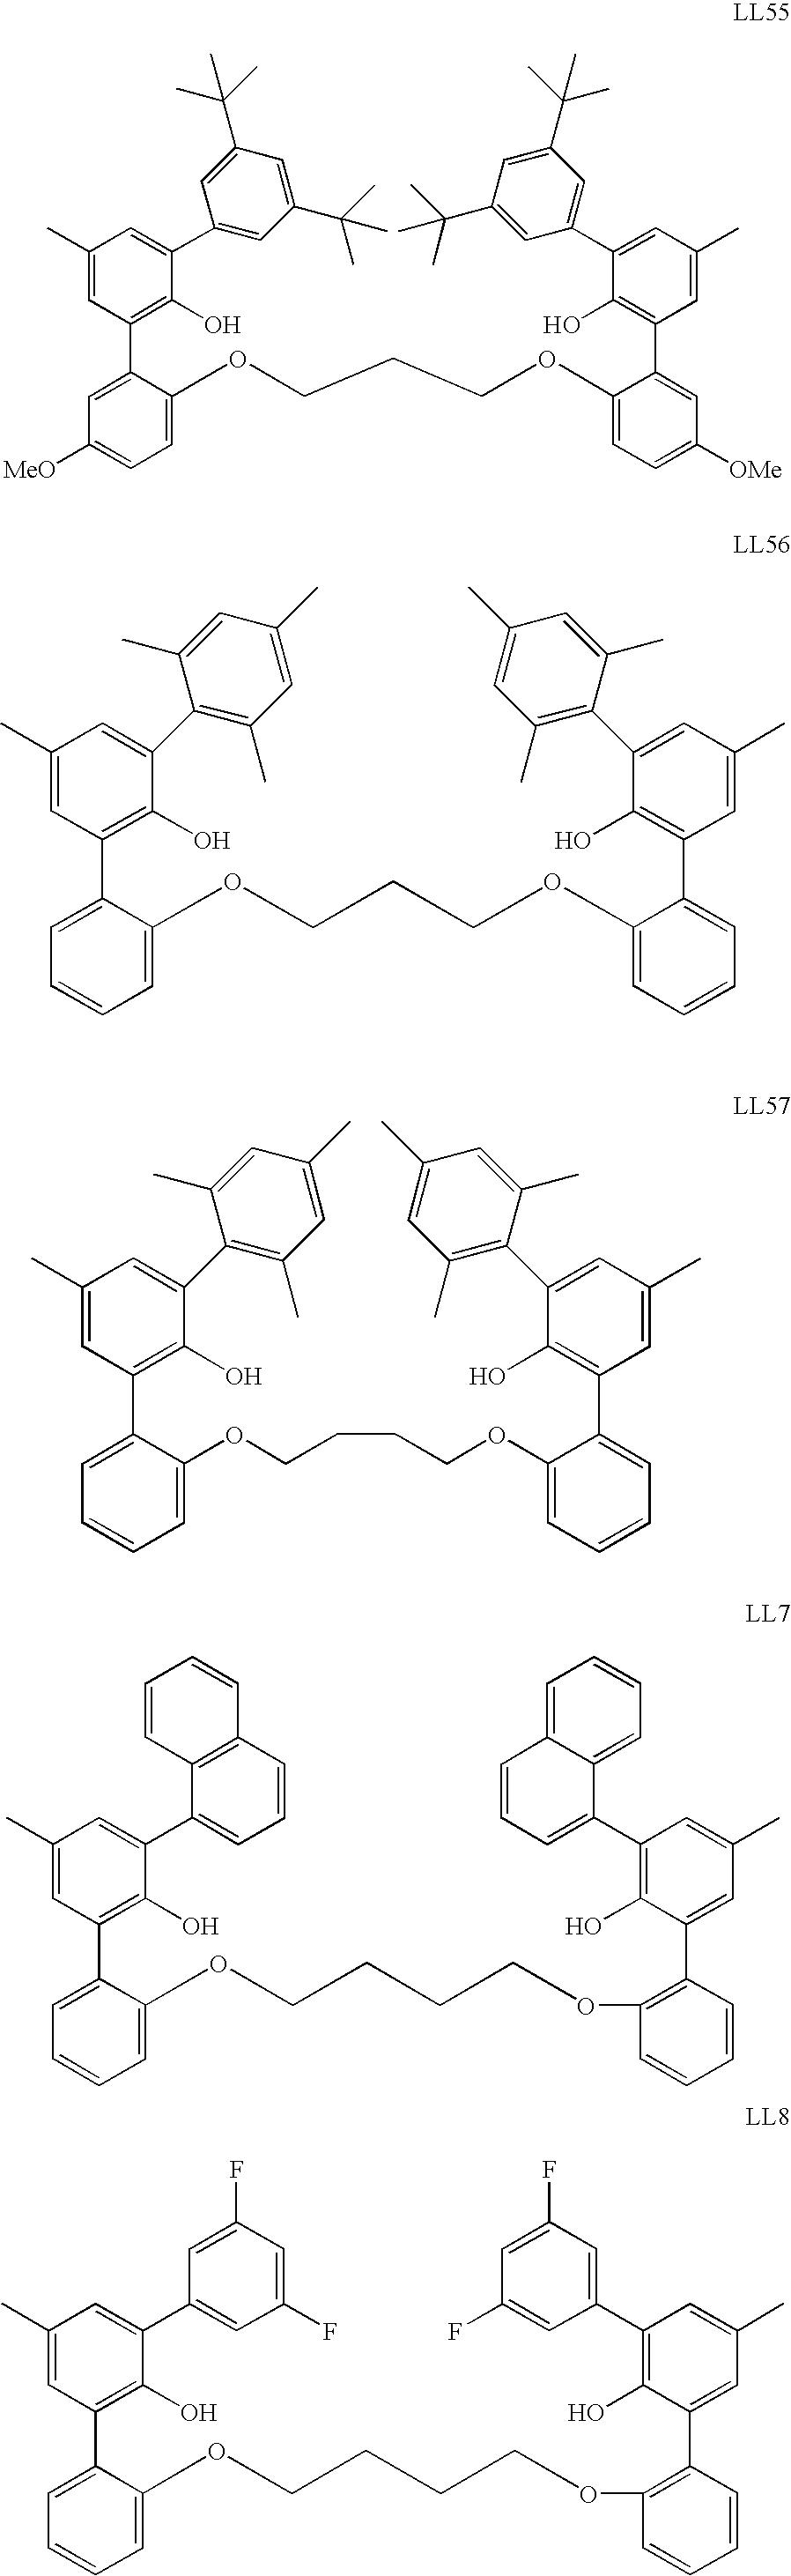 Figure US07241715-20070710-C00007